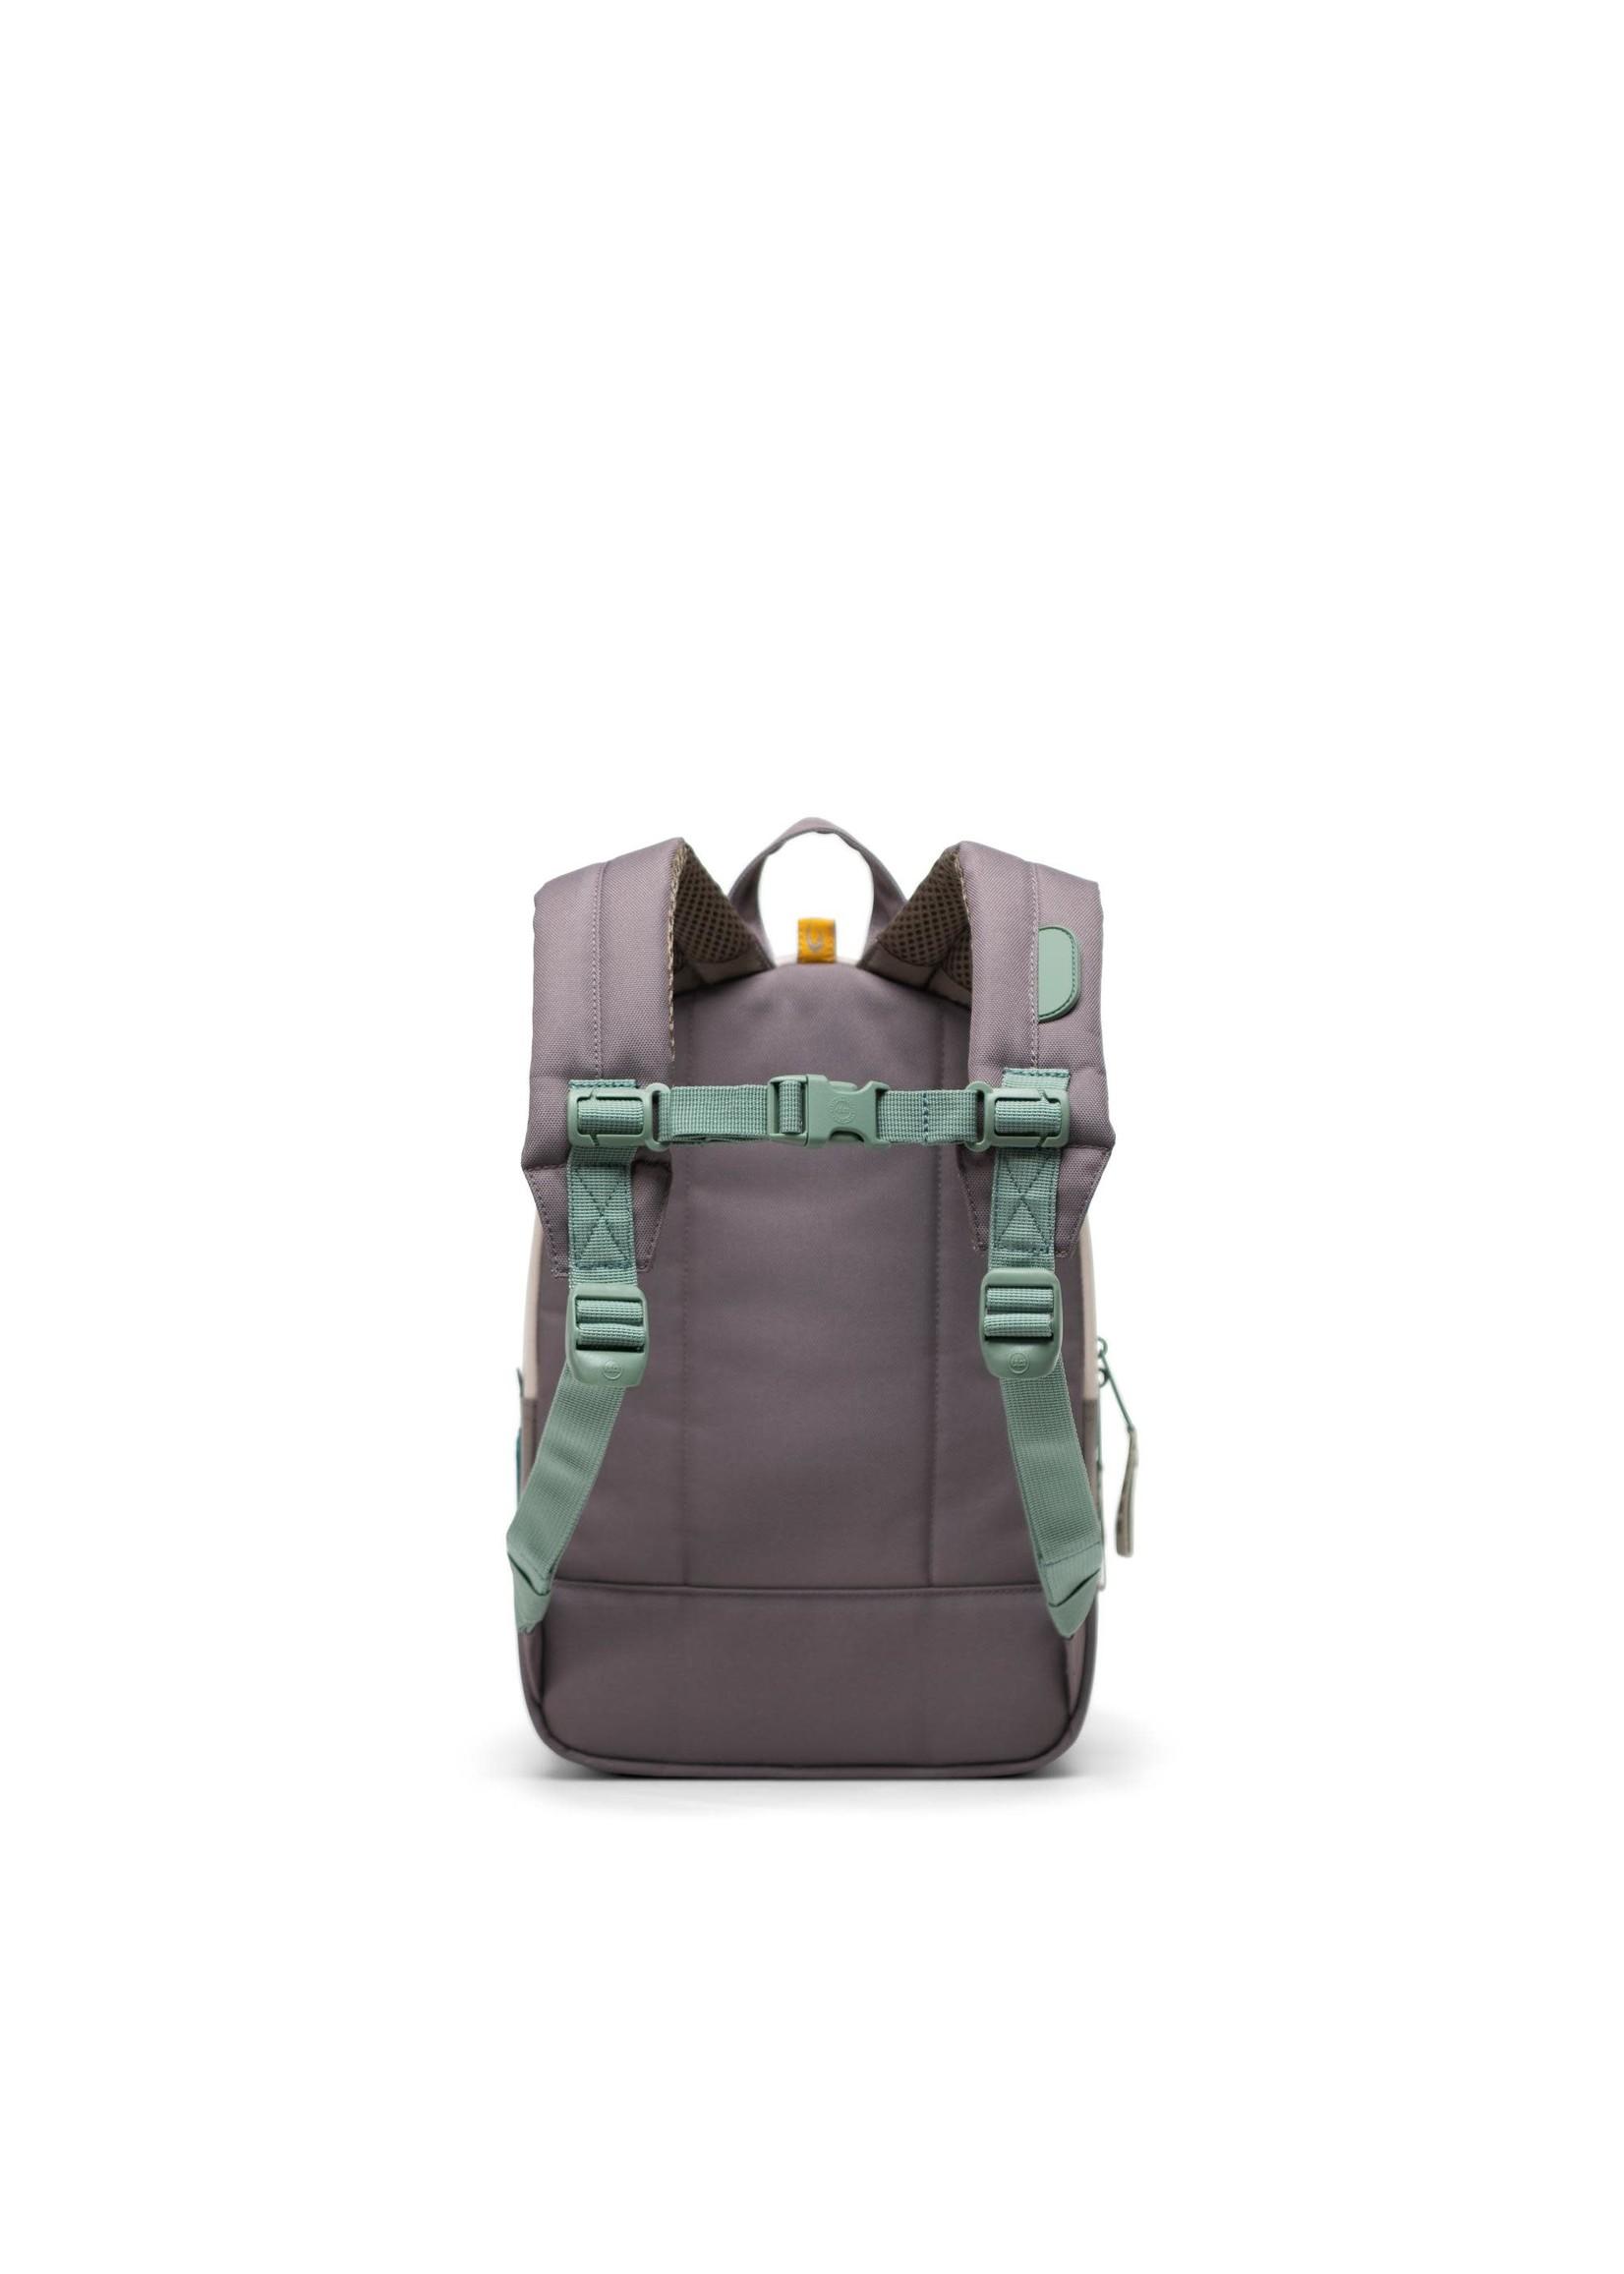 Herschel Supply Co. LH Star Wars Backpack